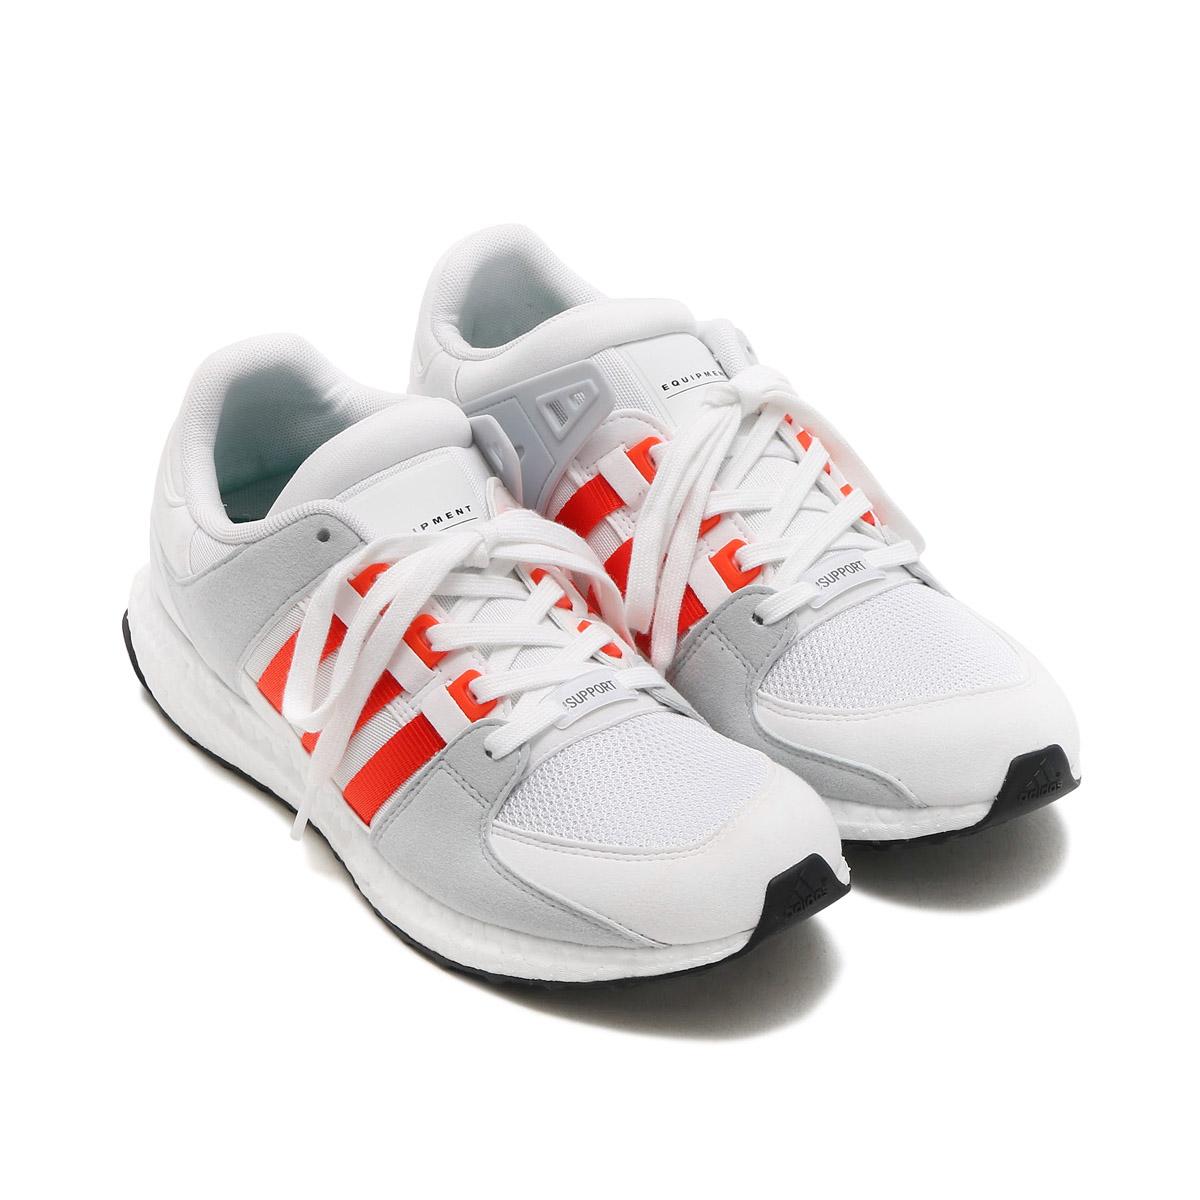 adidas Originals EQT SUPPORT ULT(アディダス EQT サポート ULT)(ホワイト)17FW-I